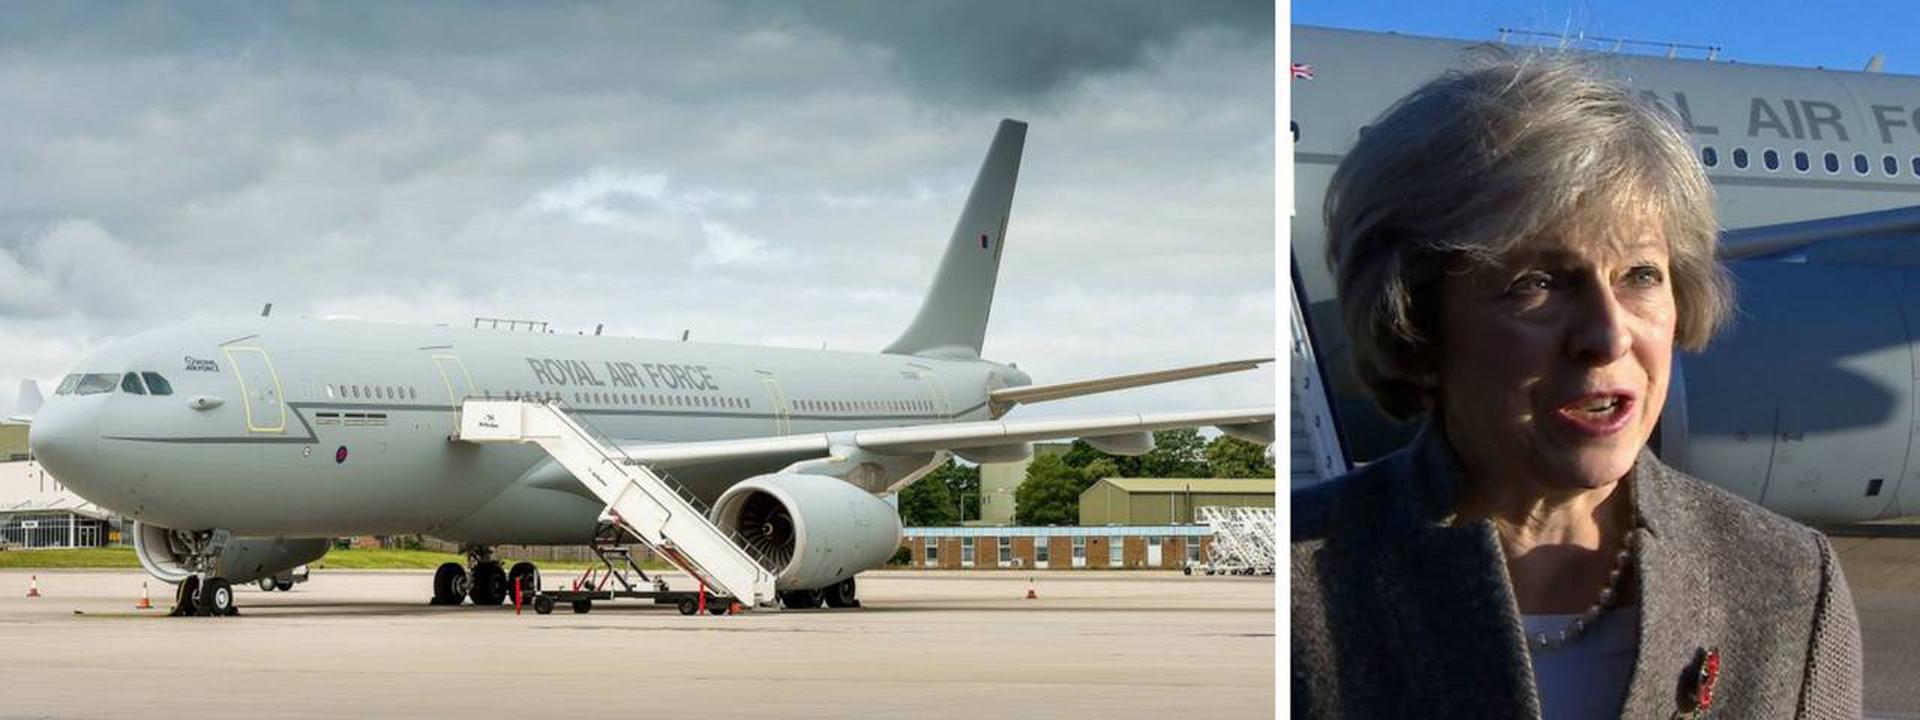 La primera ministra del Reino Unido viaja en un Airbus A330